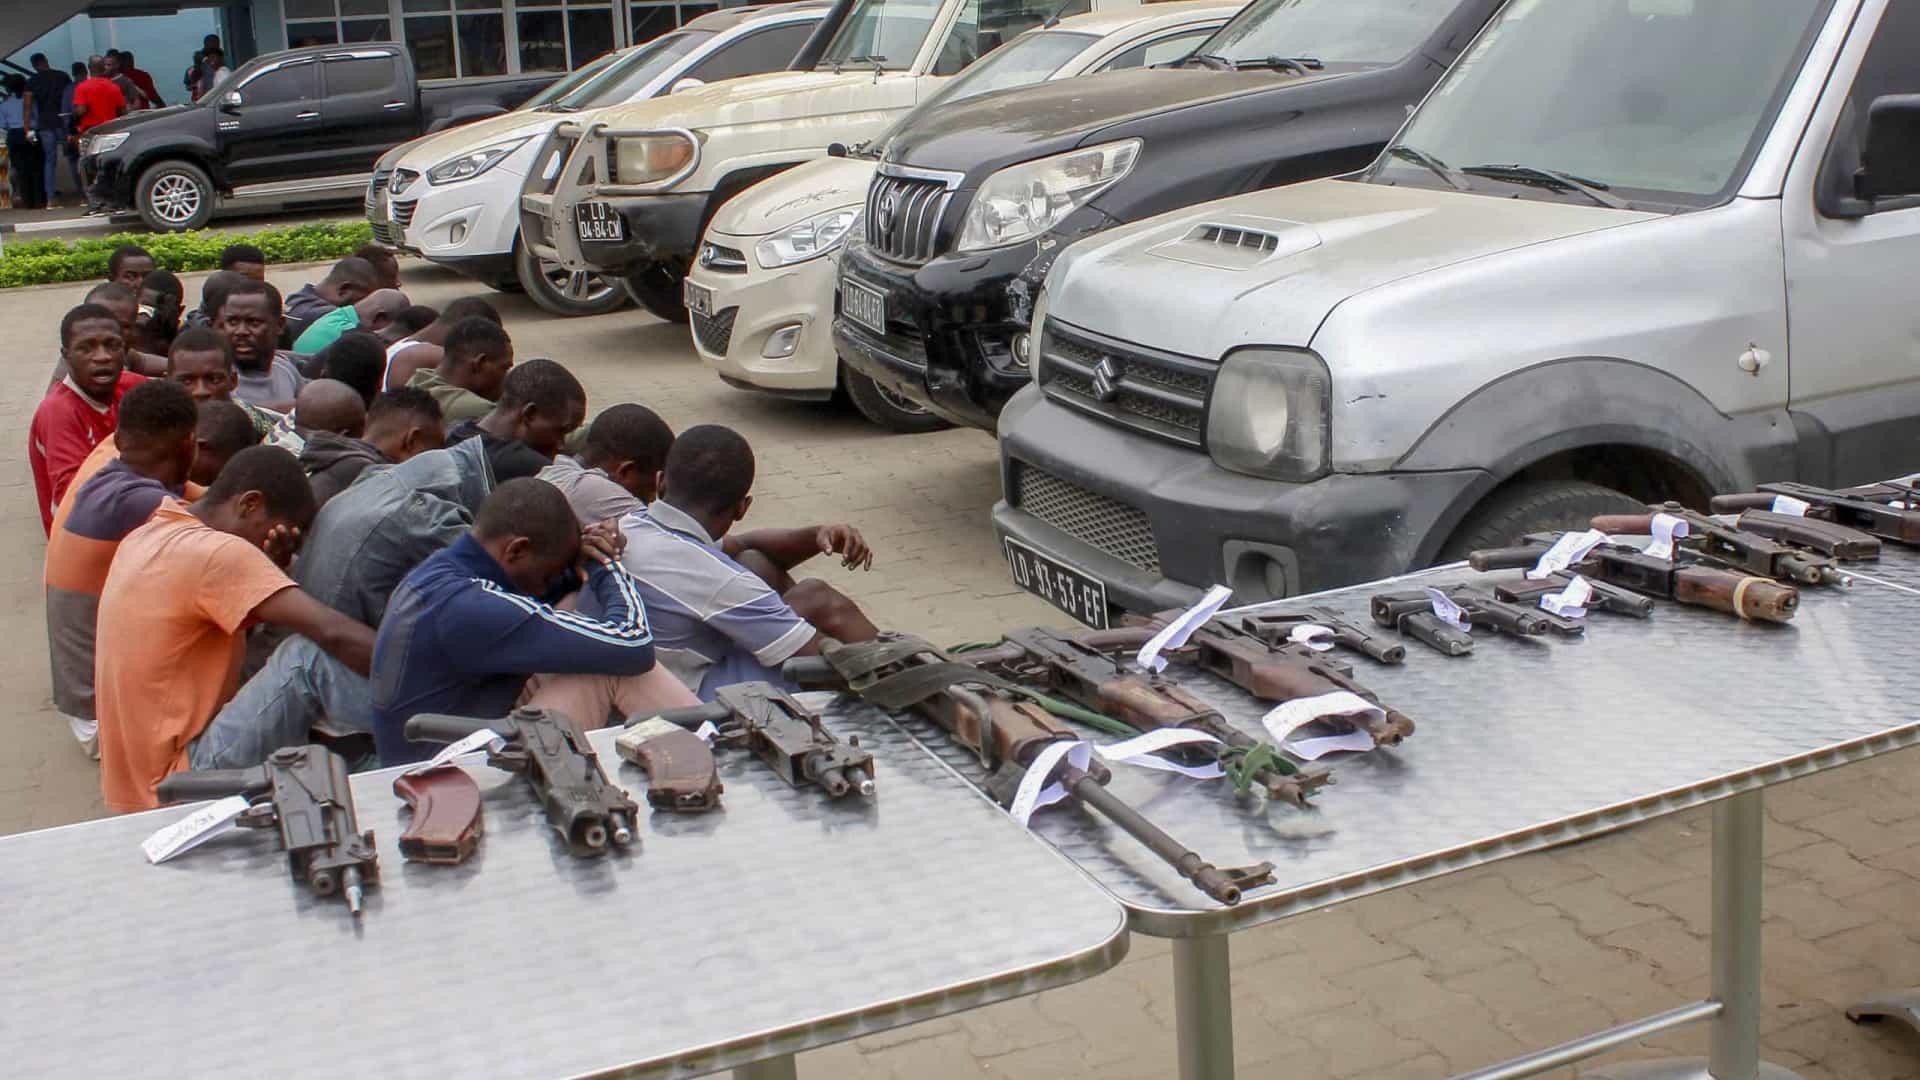 - Criminosos - Polícia Nacional detém 53 criminosos e recupera 21 carros roubados